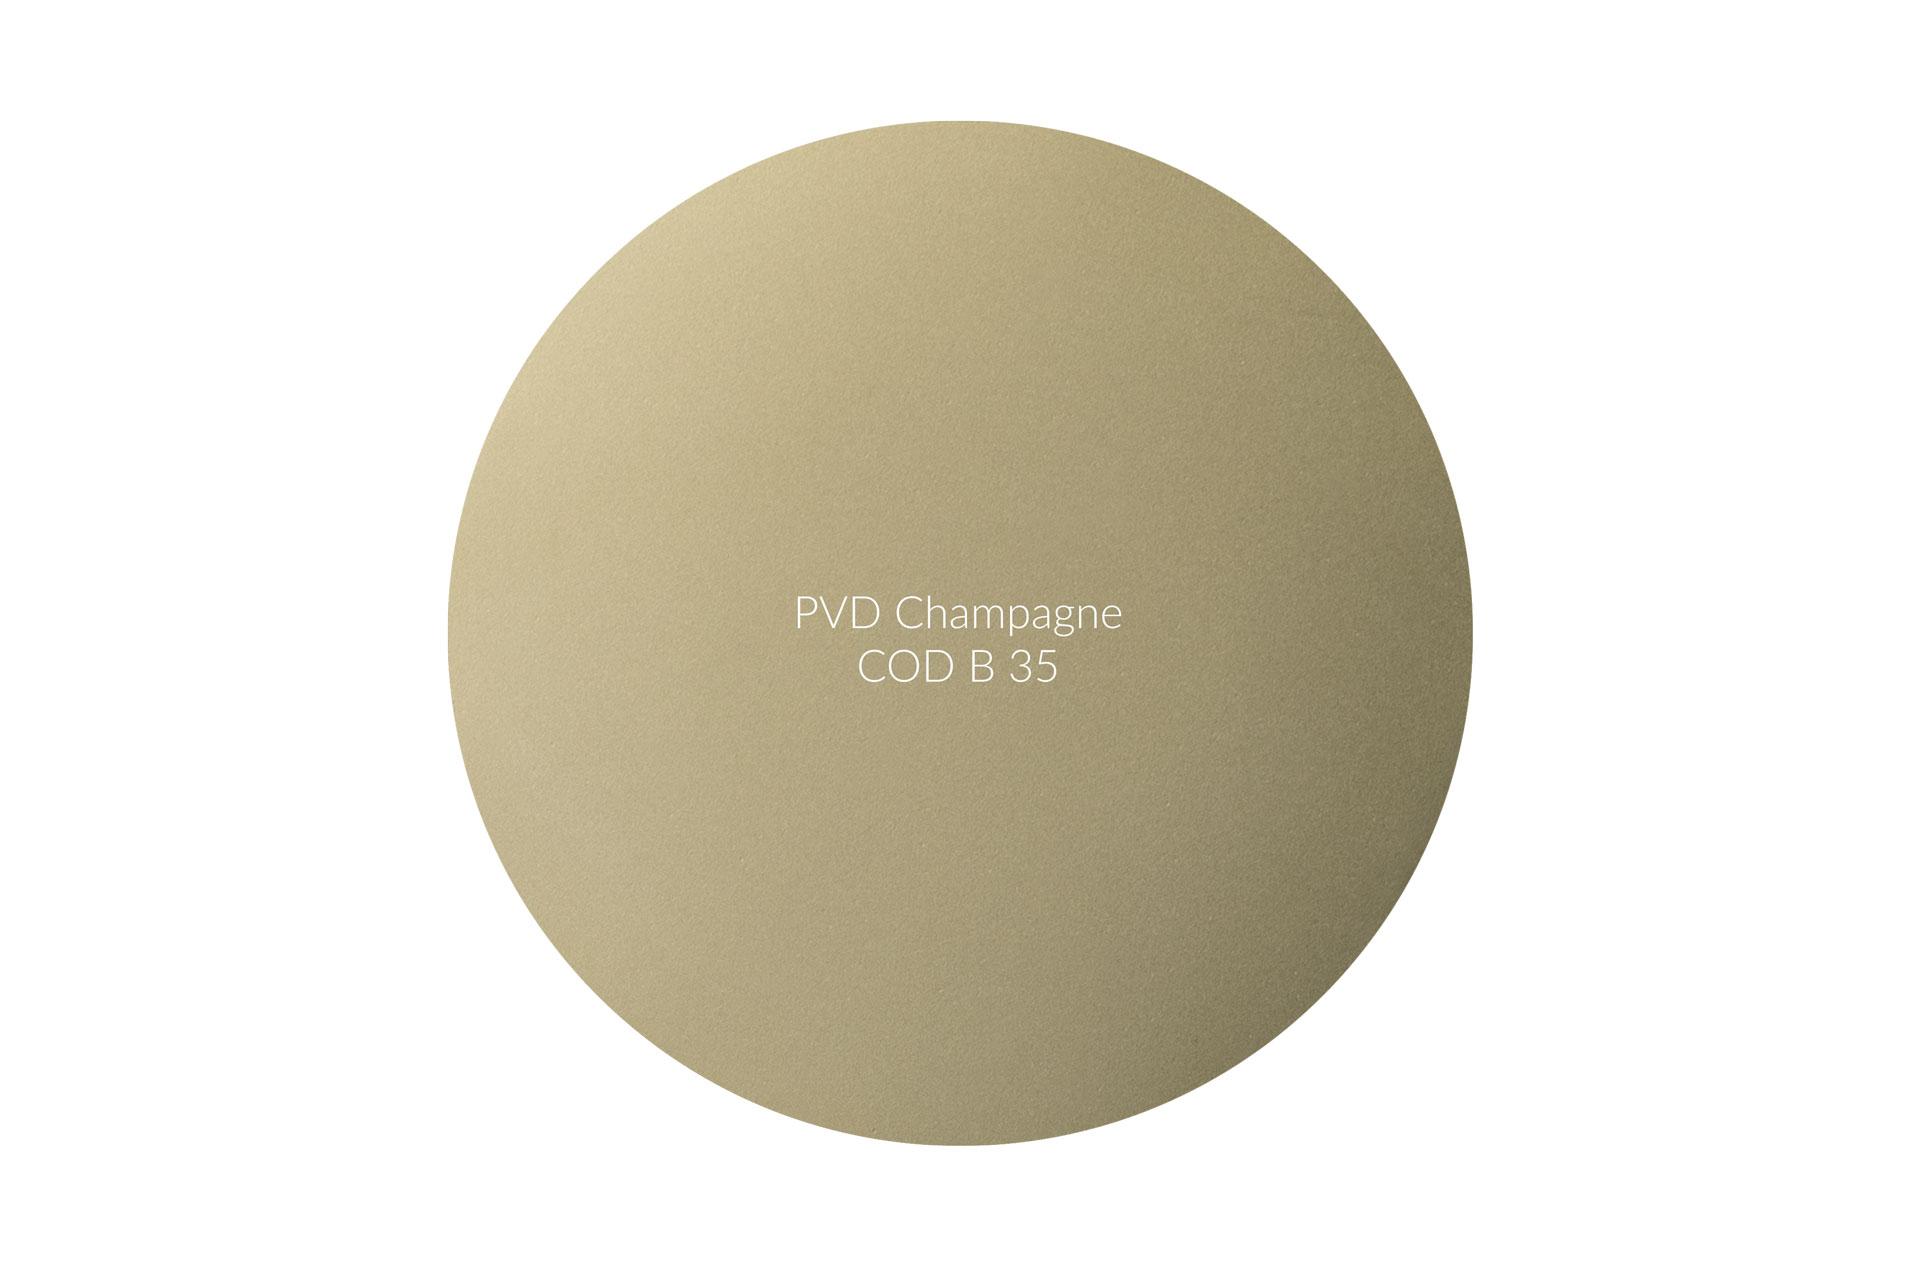 Dischetto PVD champagne cod B 35 opaco